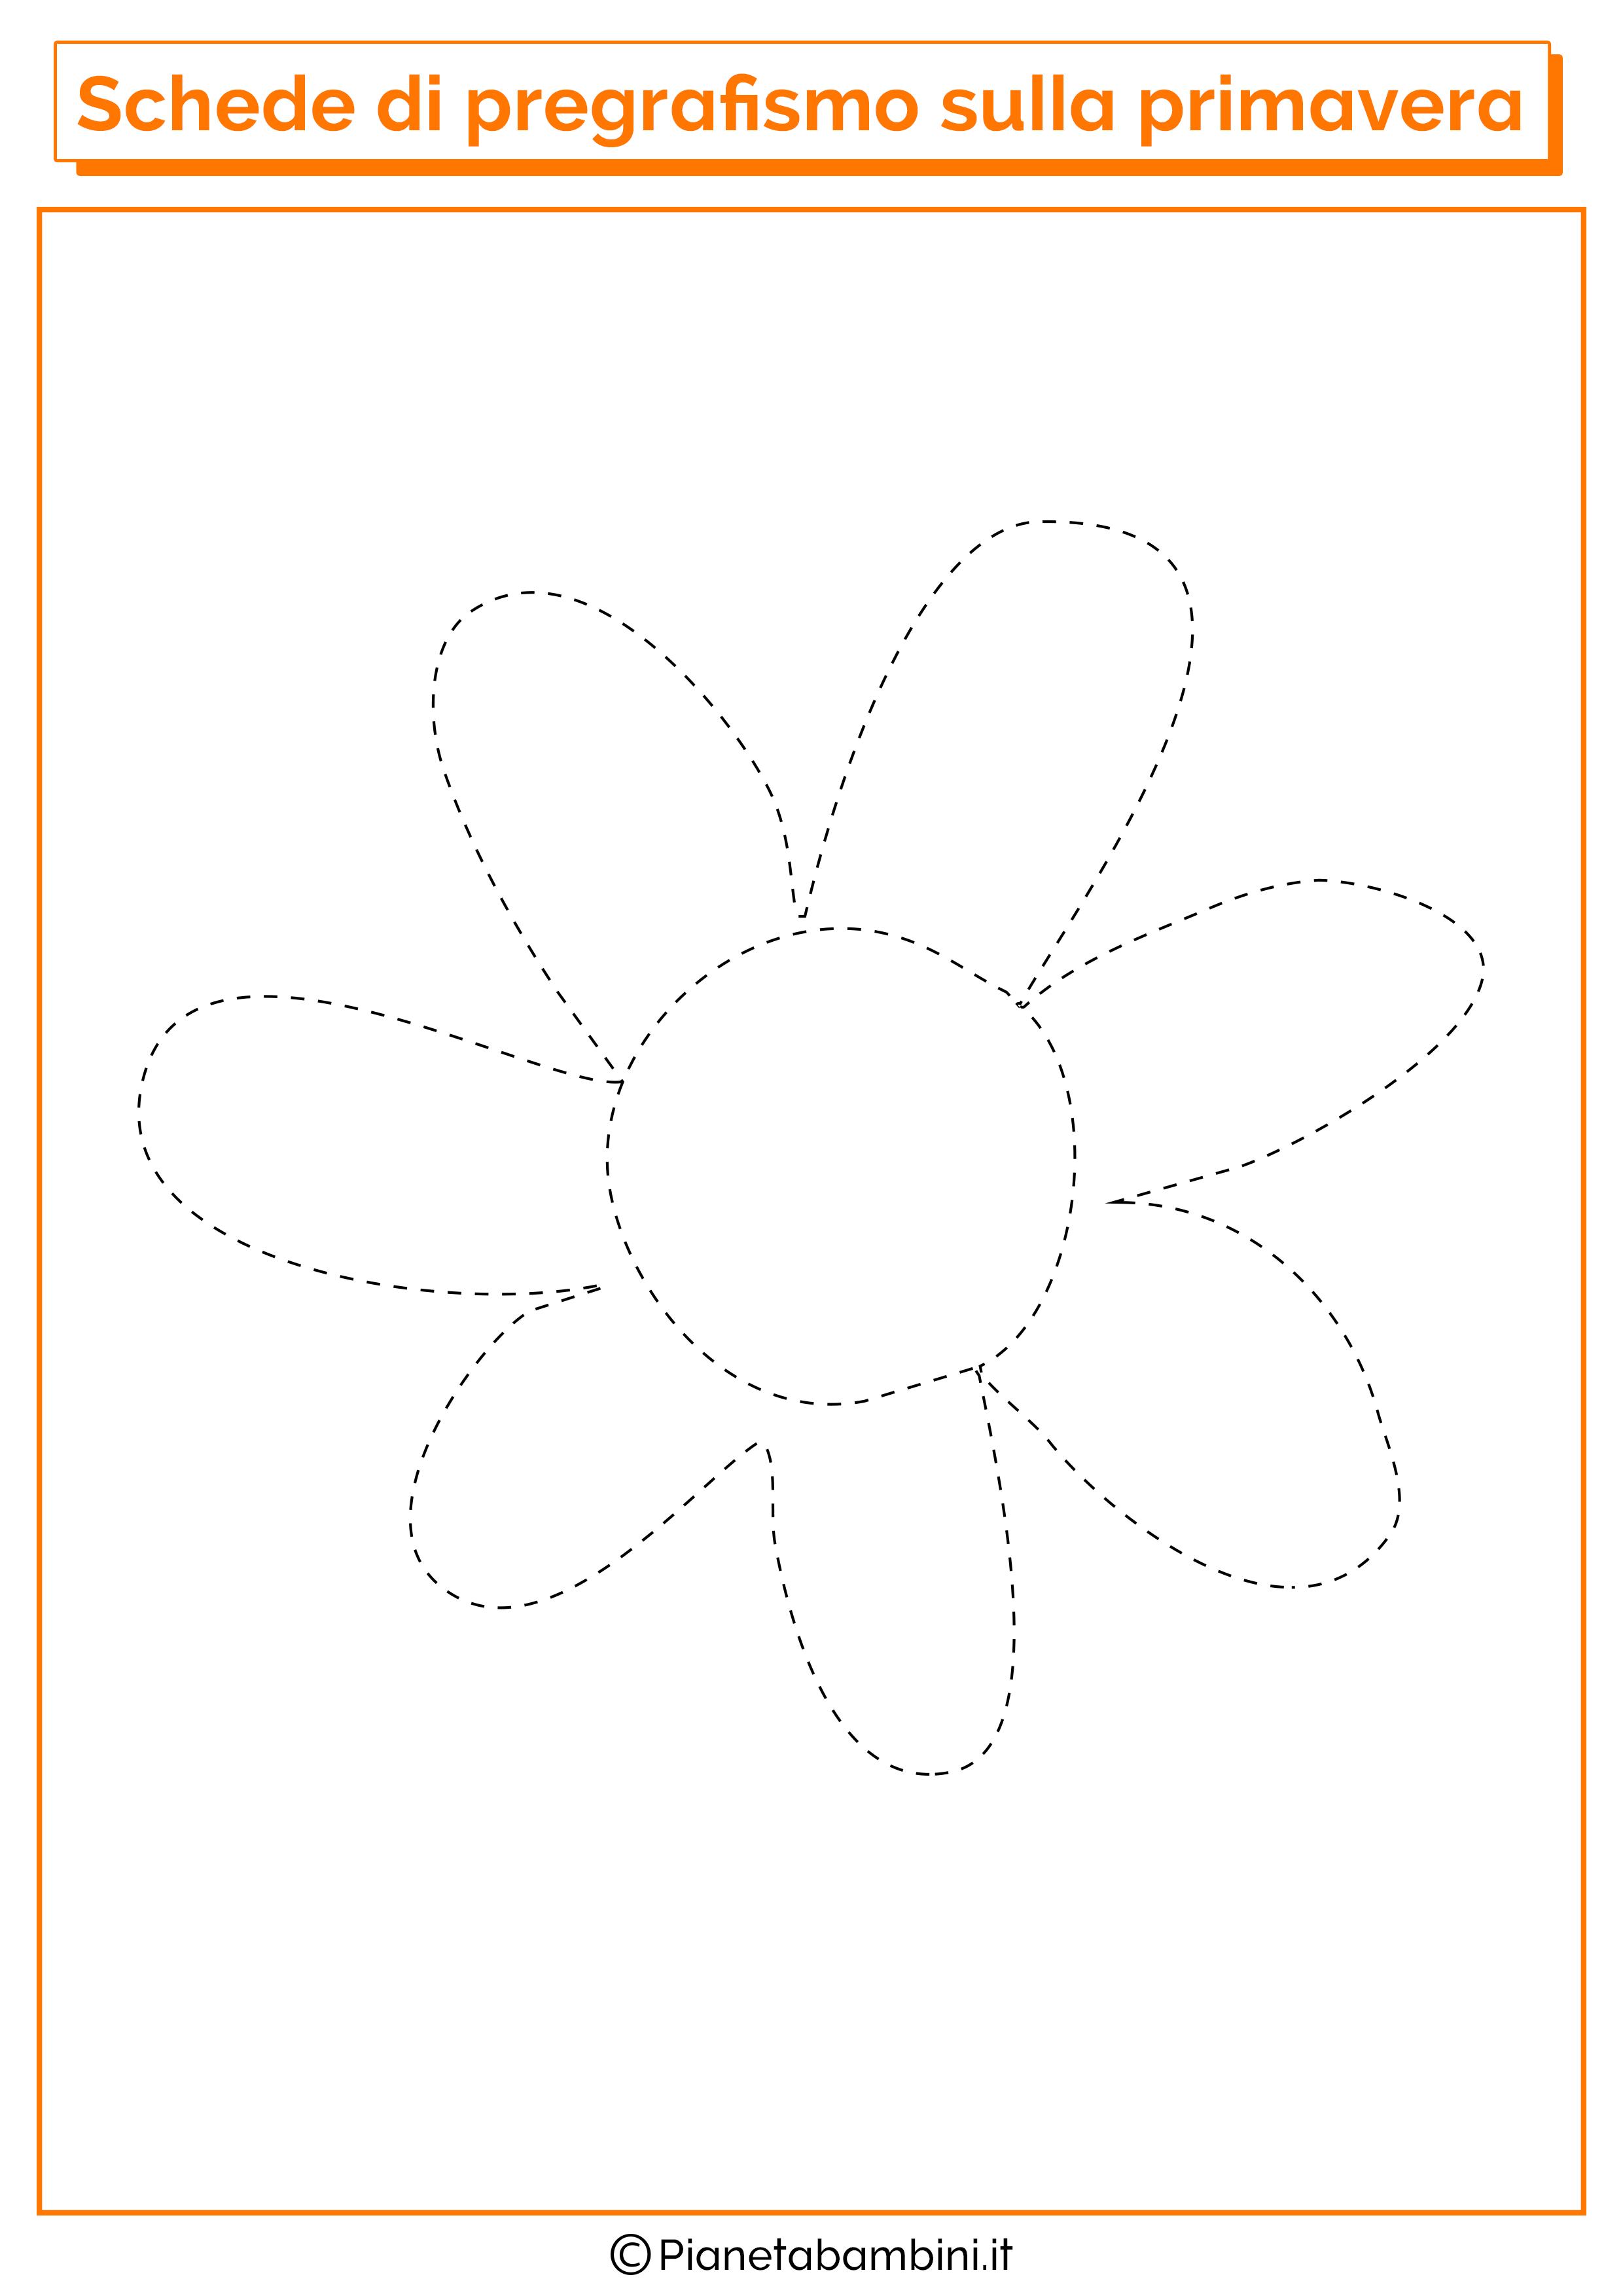 Pregrafismo-Primavera-Fiore